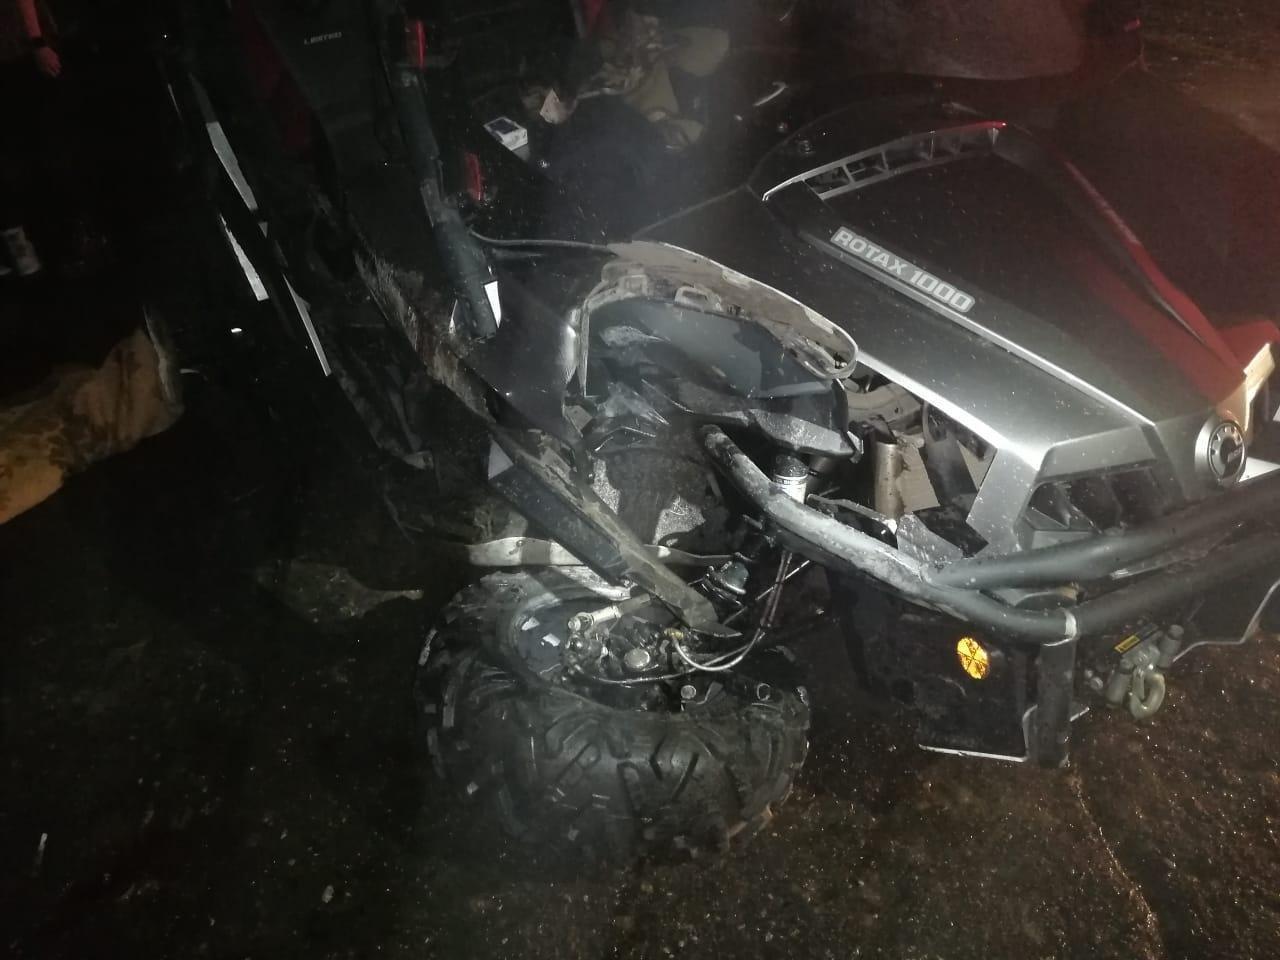 В Мичуринске багги врезался в столб: погиб парень, его друг получил травмы, фото-1